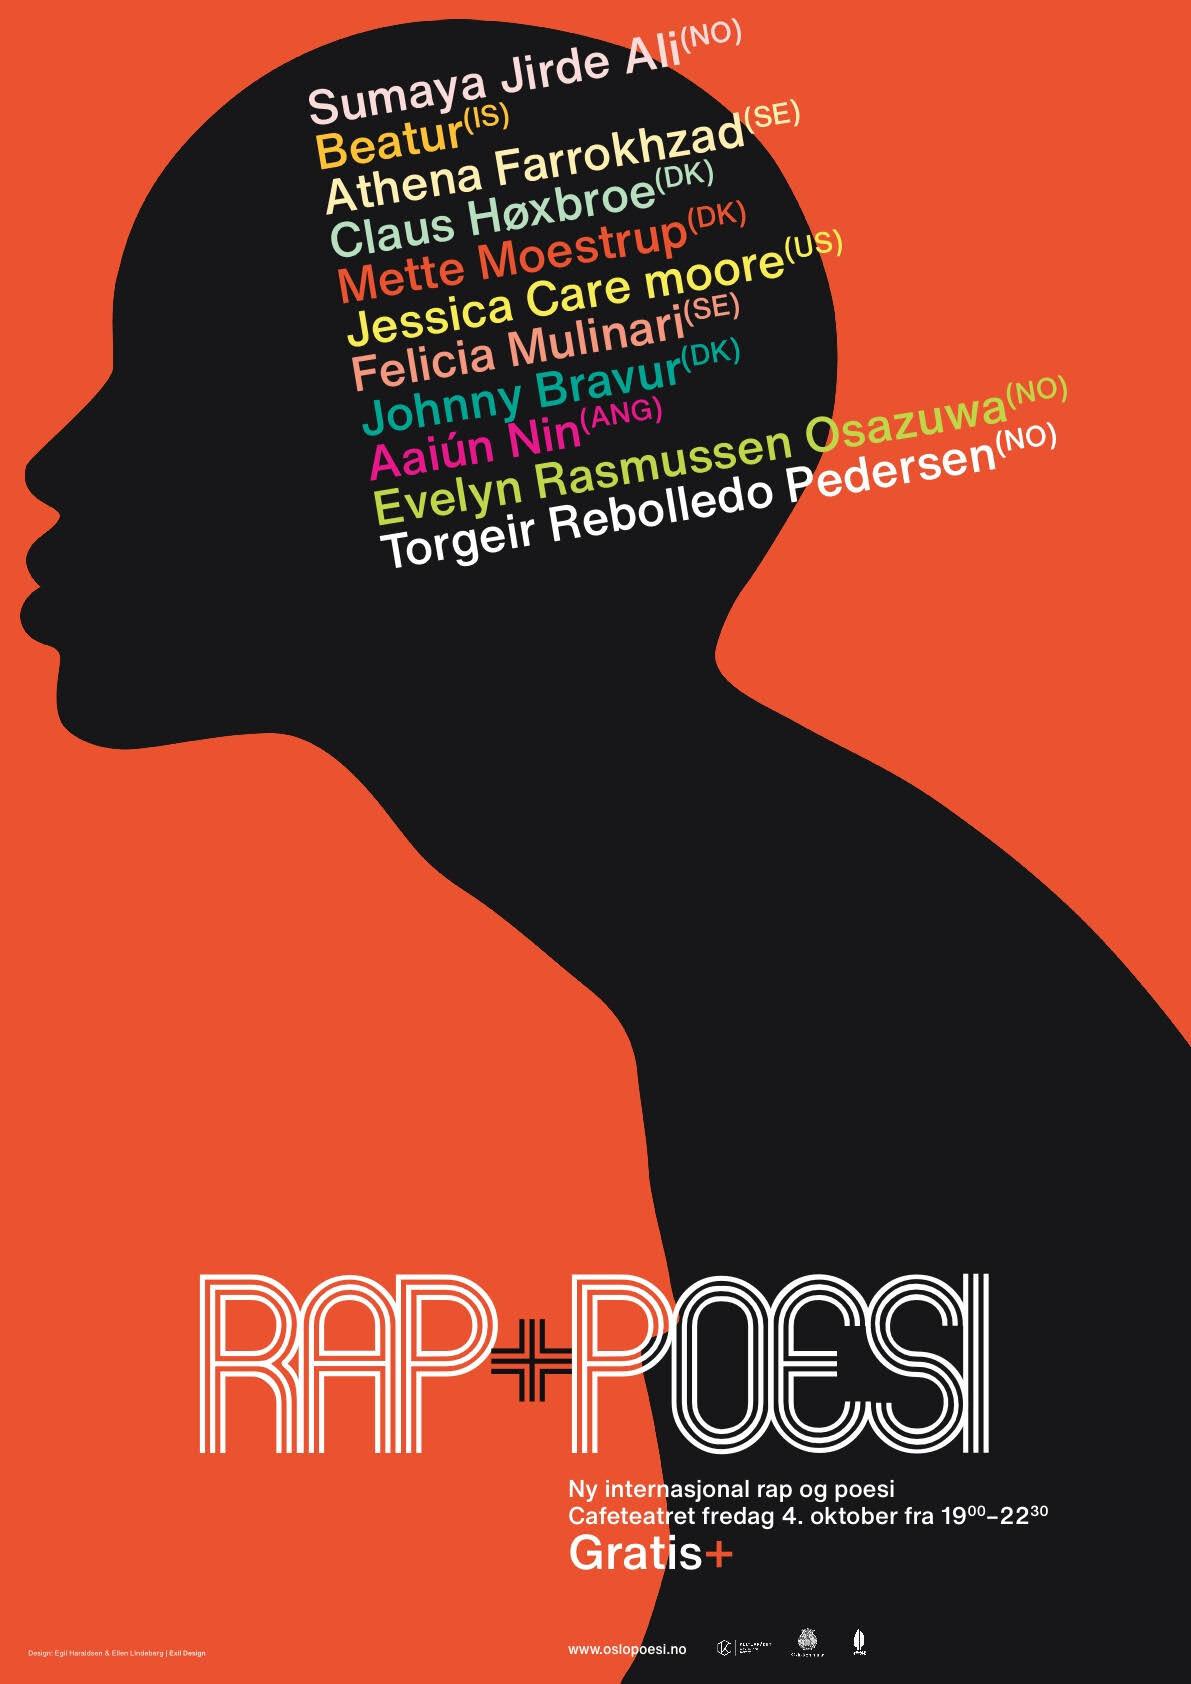 Rap og poesi plakat.jpg